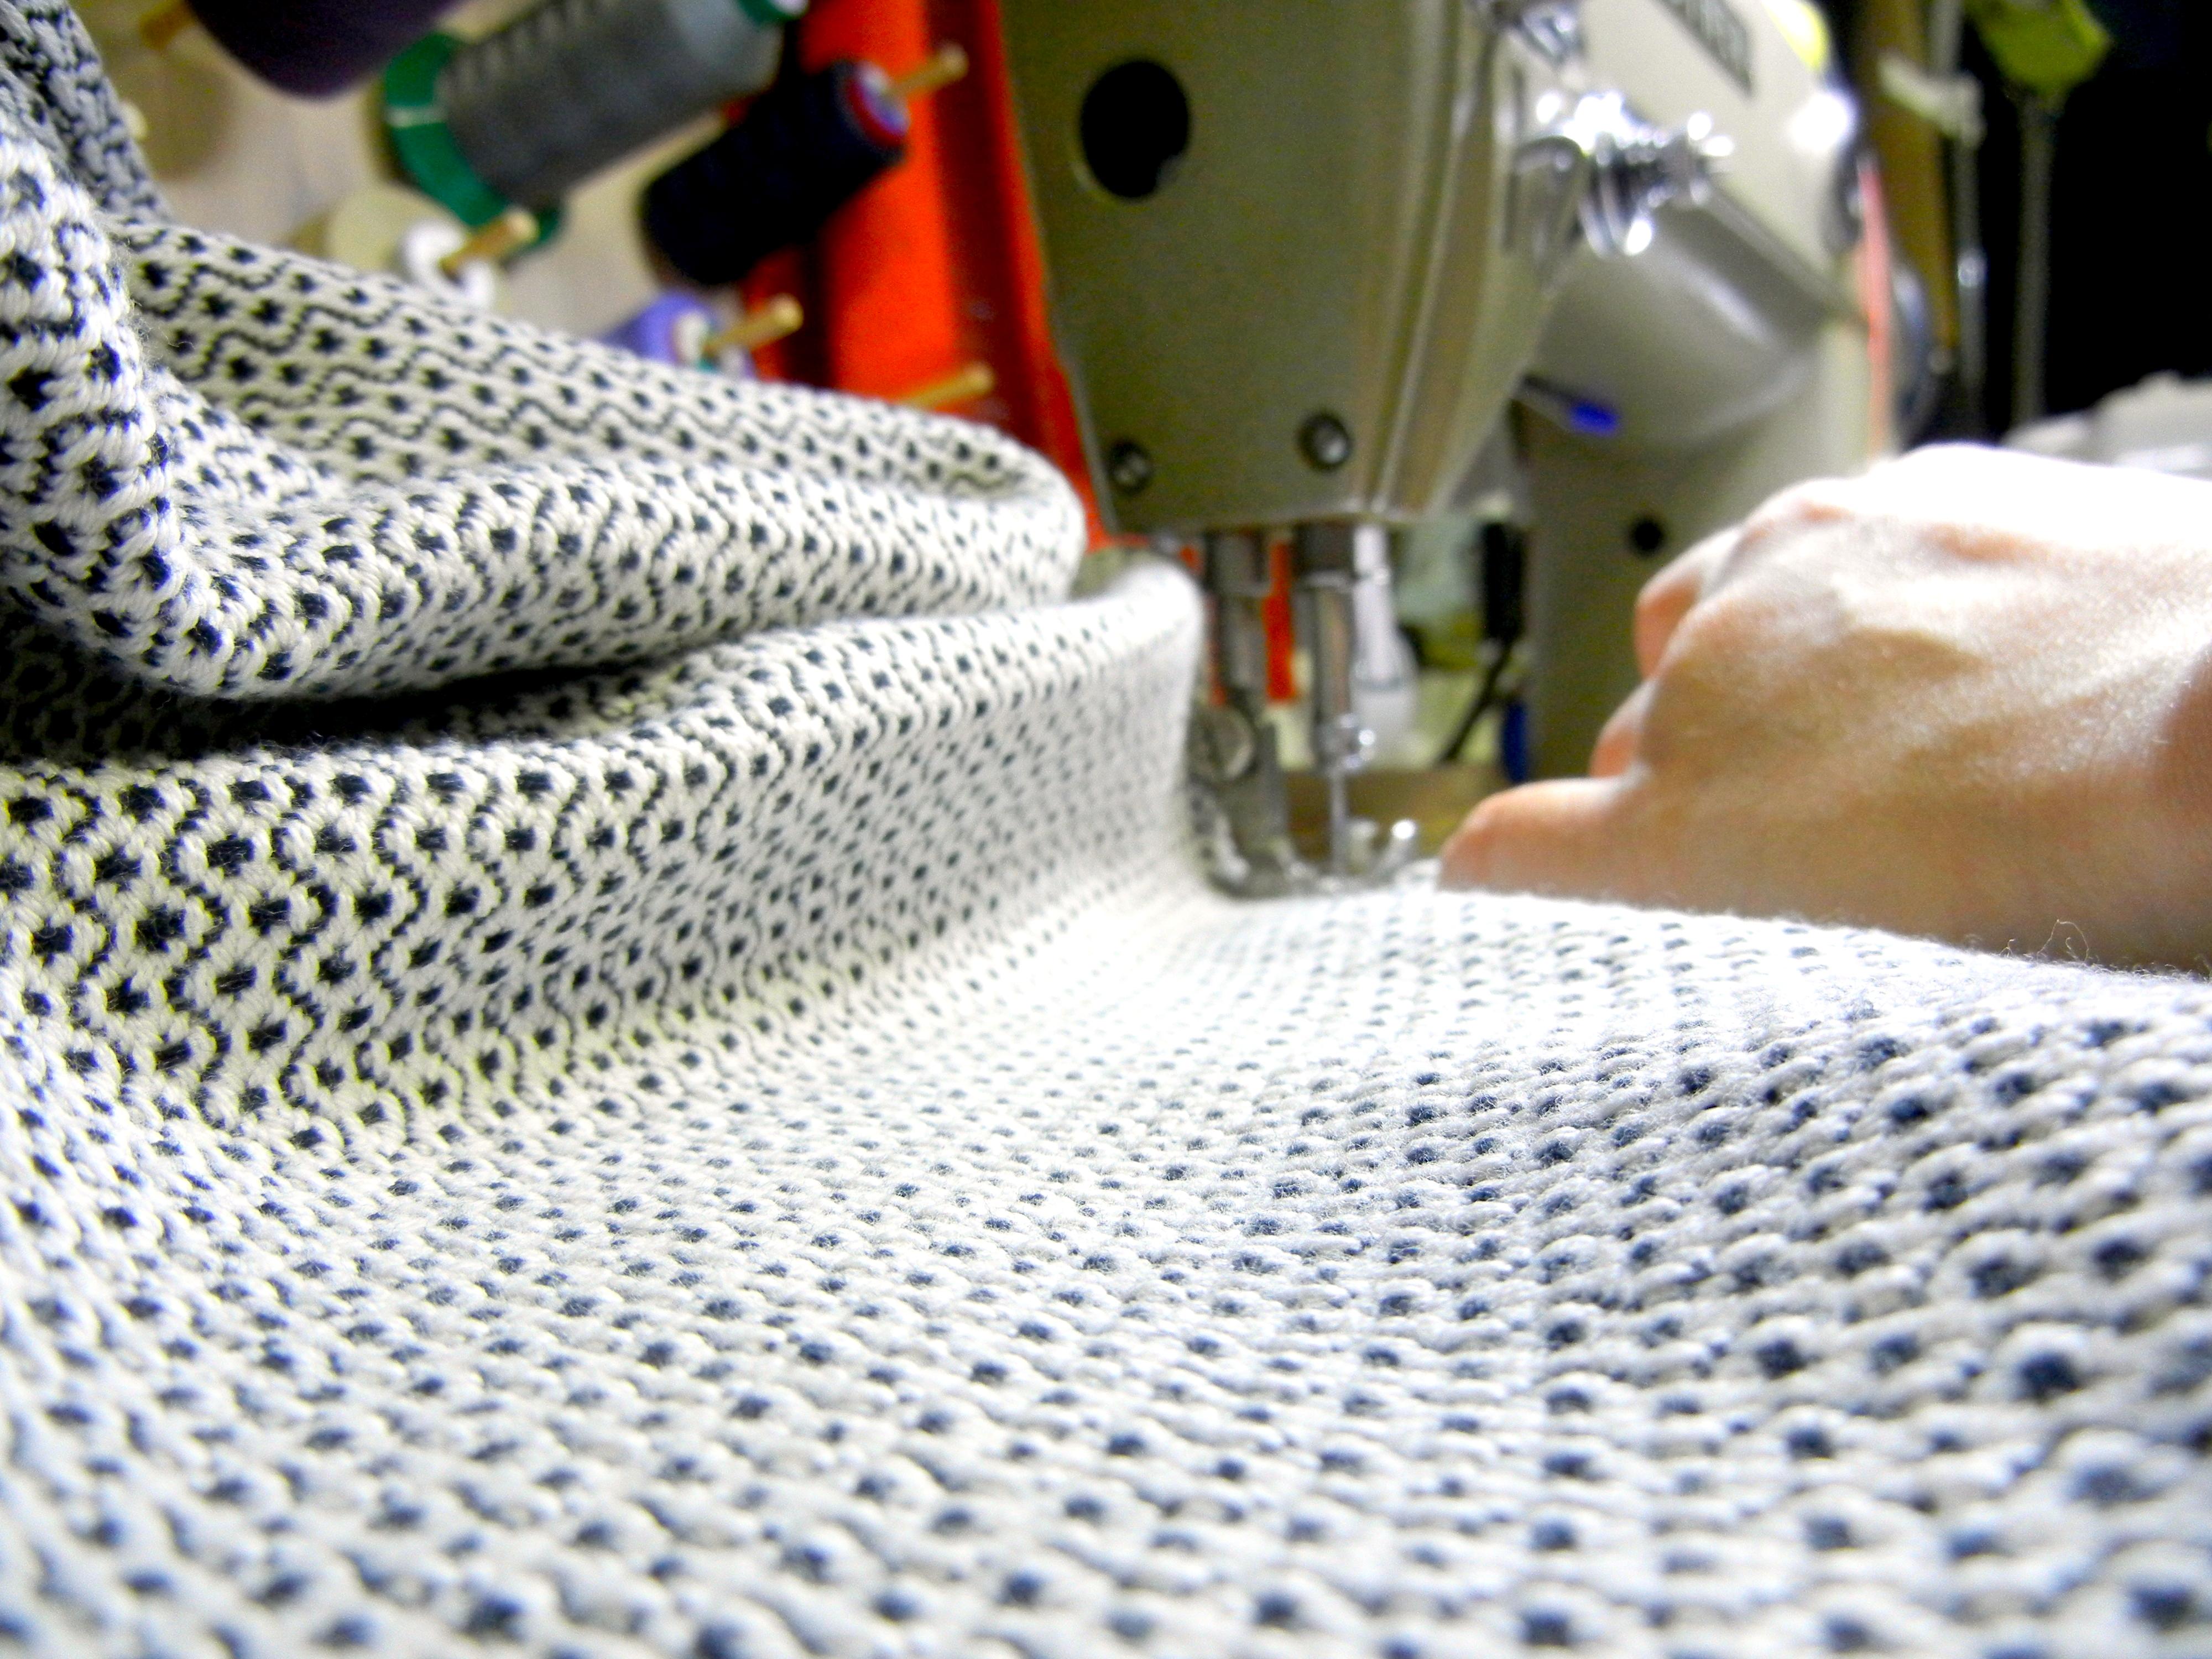 Kude-malliston tuotteet ommellaan Suomessa tai tarkastetuissa tehtaissa lähialueilla. Kuva: Kude Design Oy